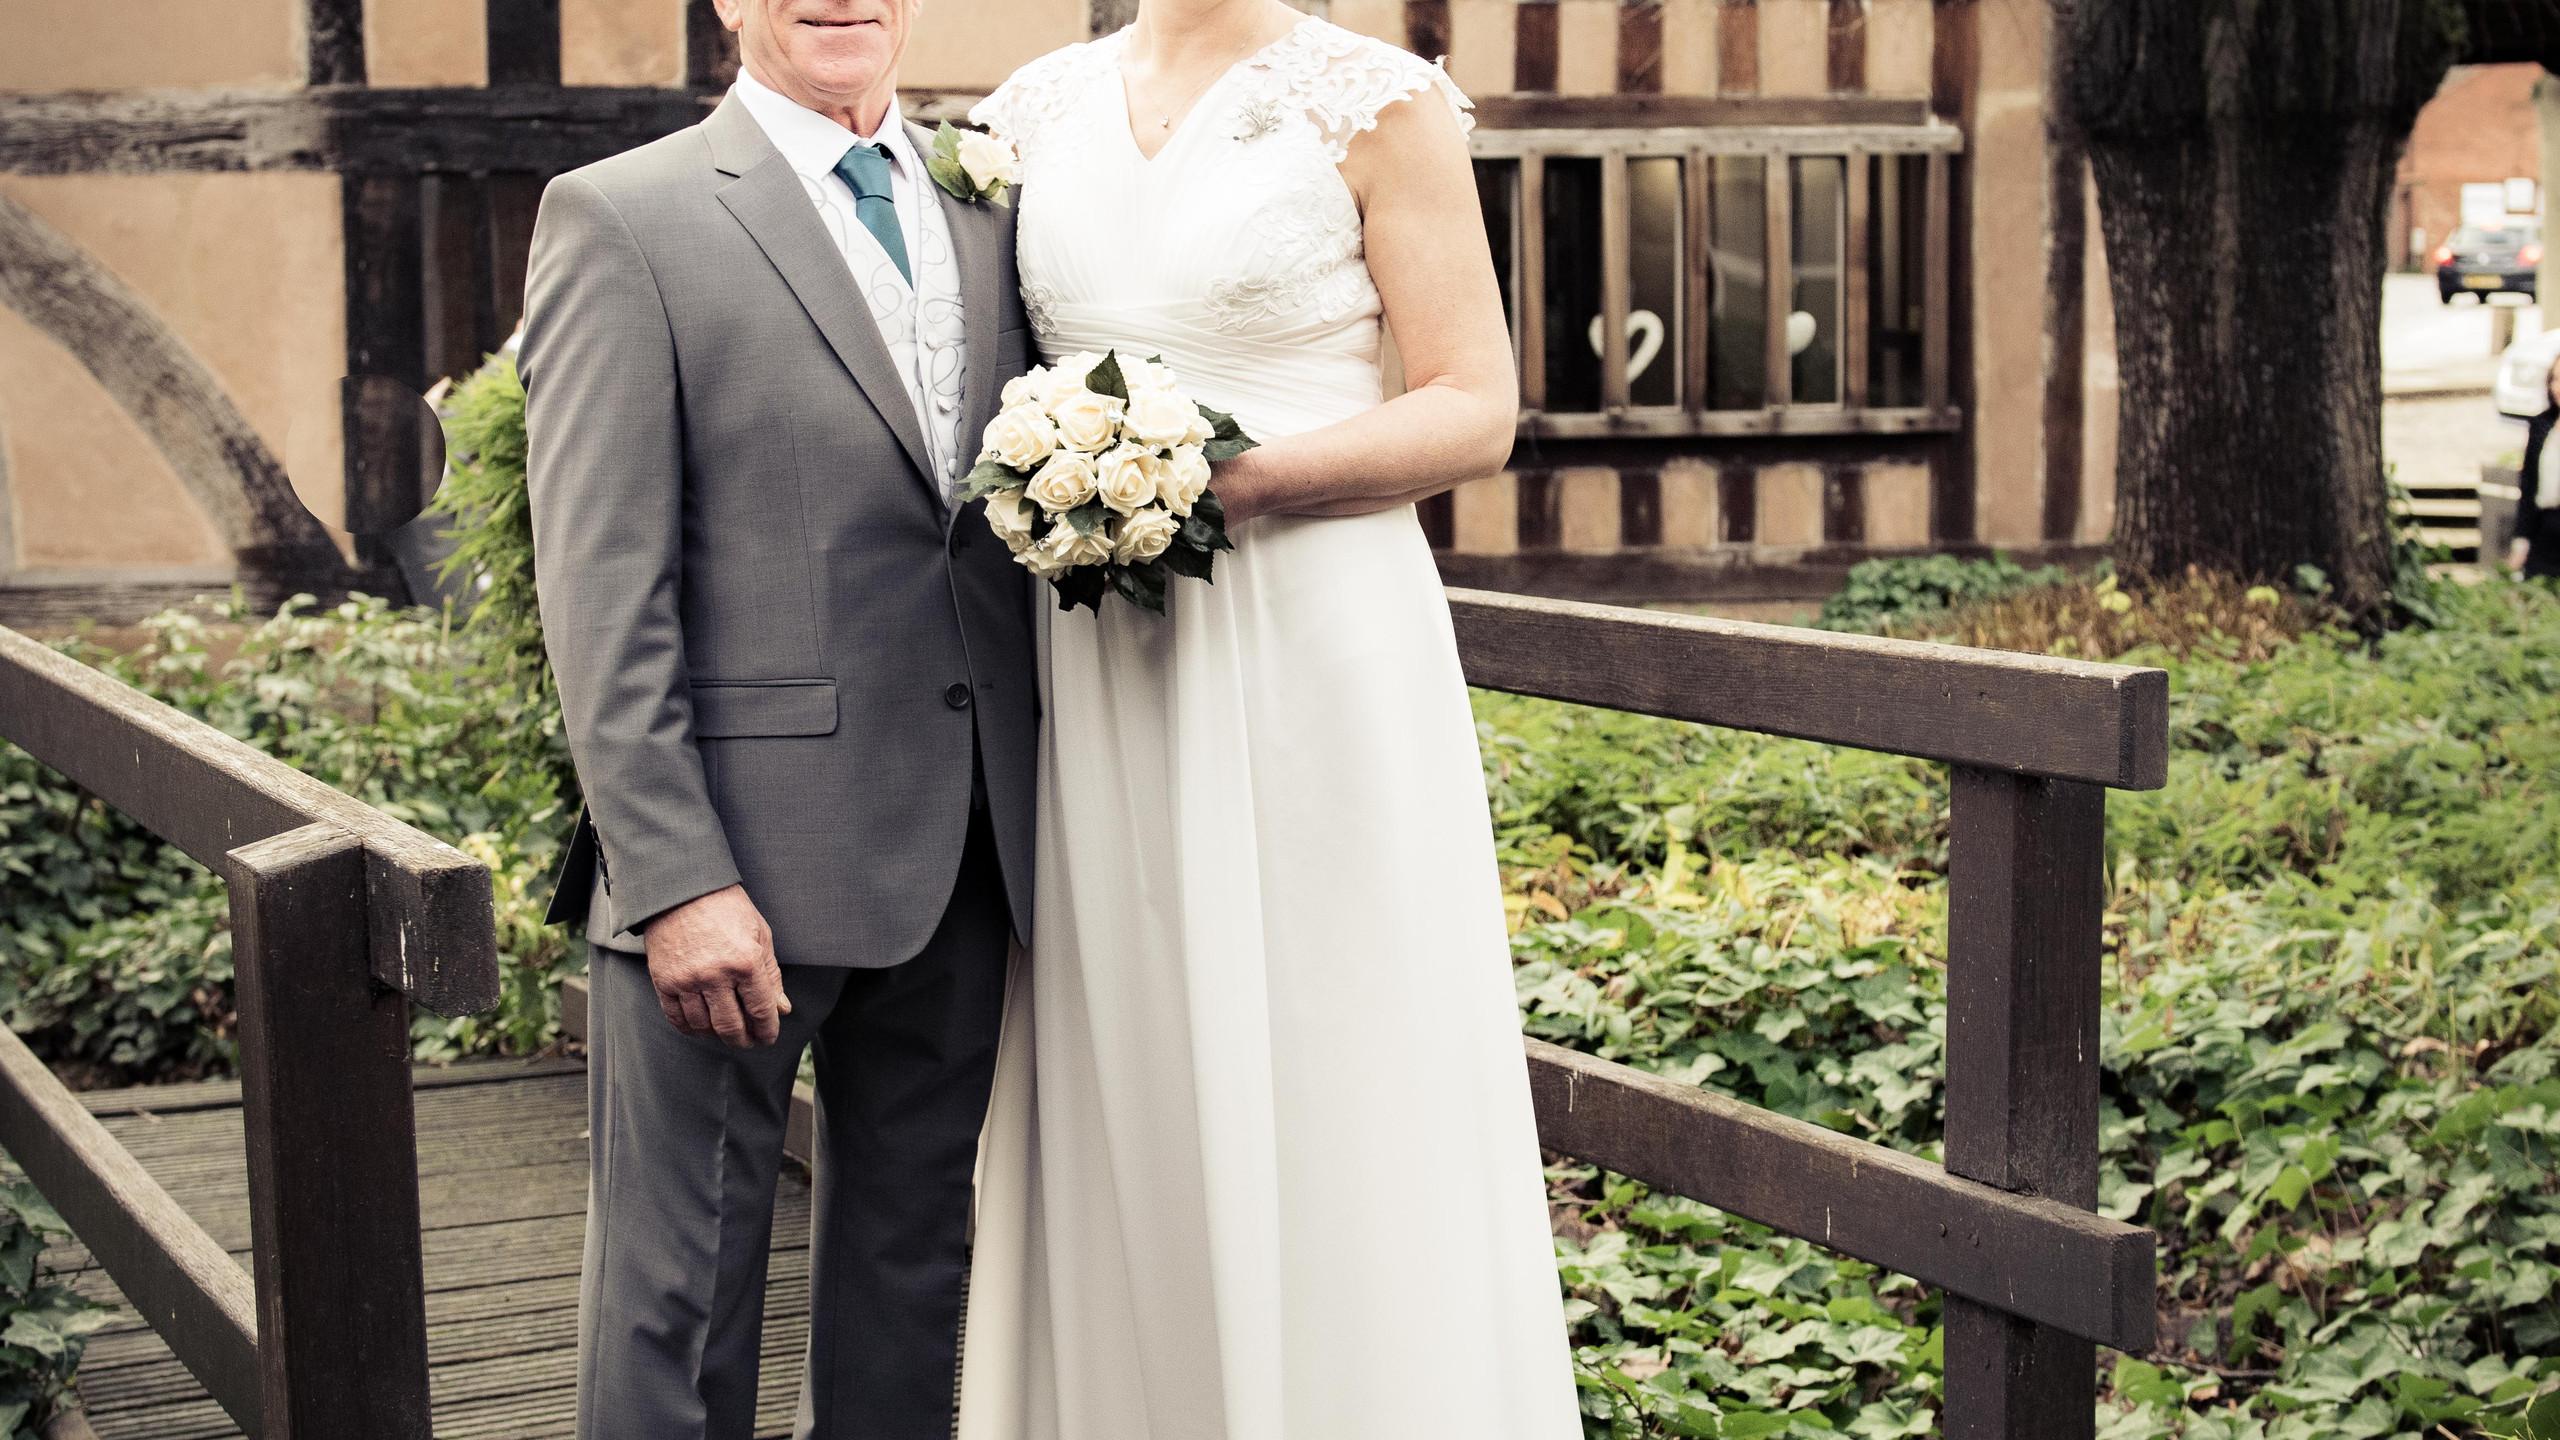 007 Wedding Photography